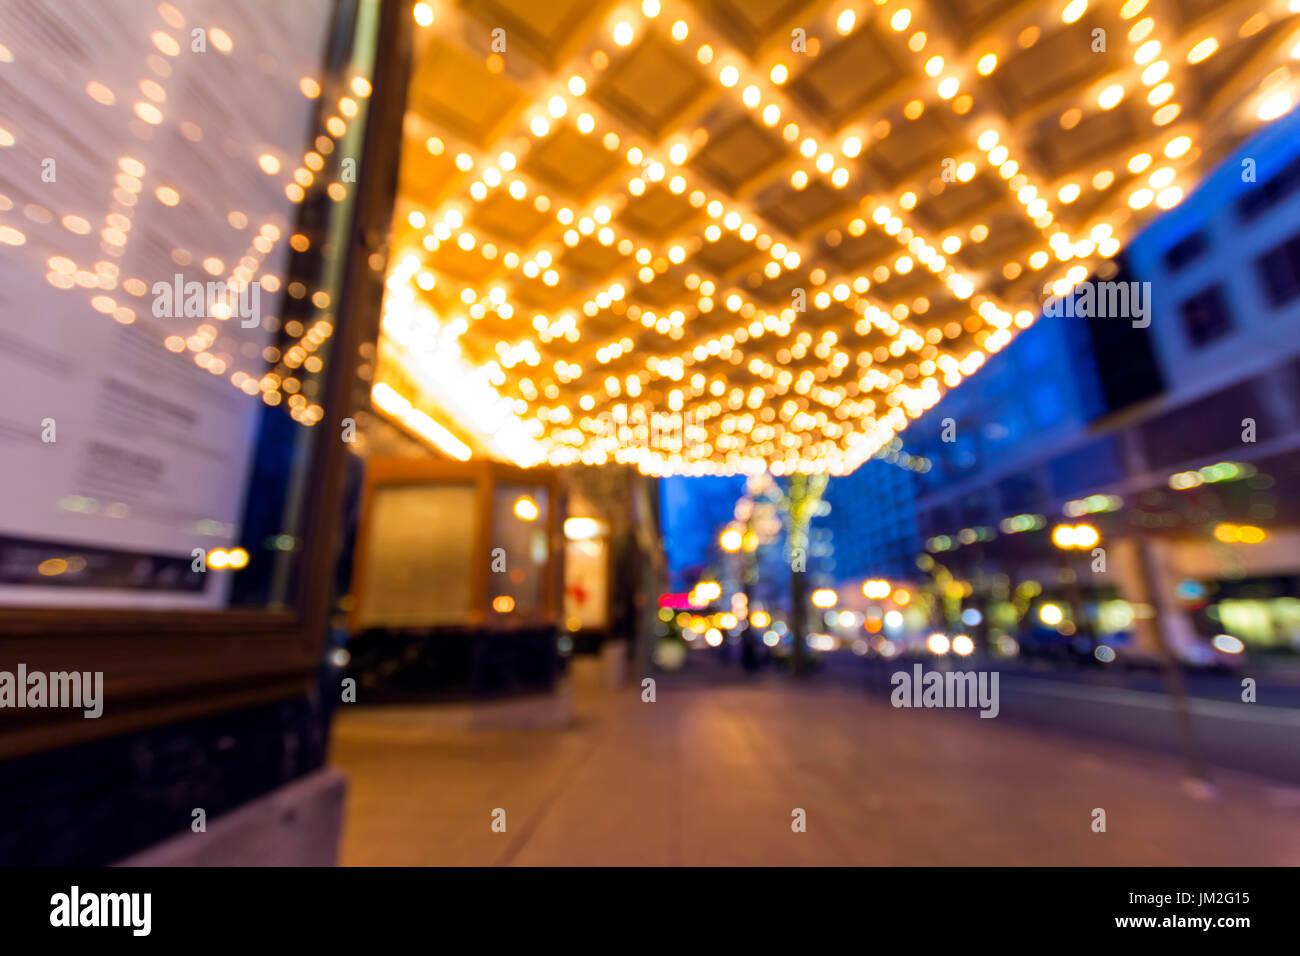 Portland Oregon Innenstadt Unterhaltungs- und Einkaufsviertel am Abend blaue Stunde mit Festzelt und Ampeln unscharf Bokeh Hintergrund Stockfoto